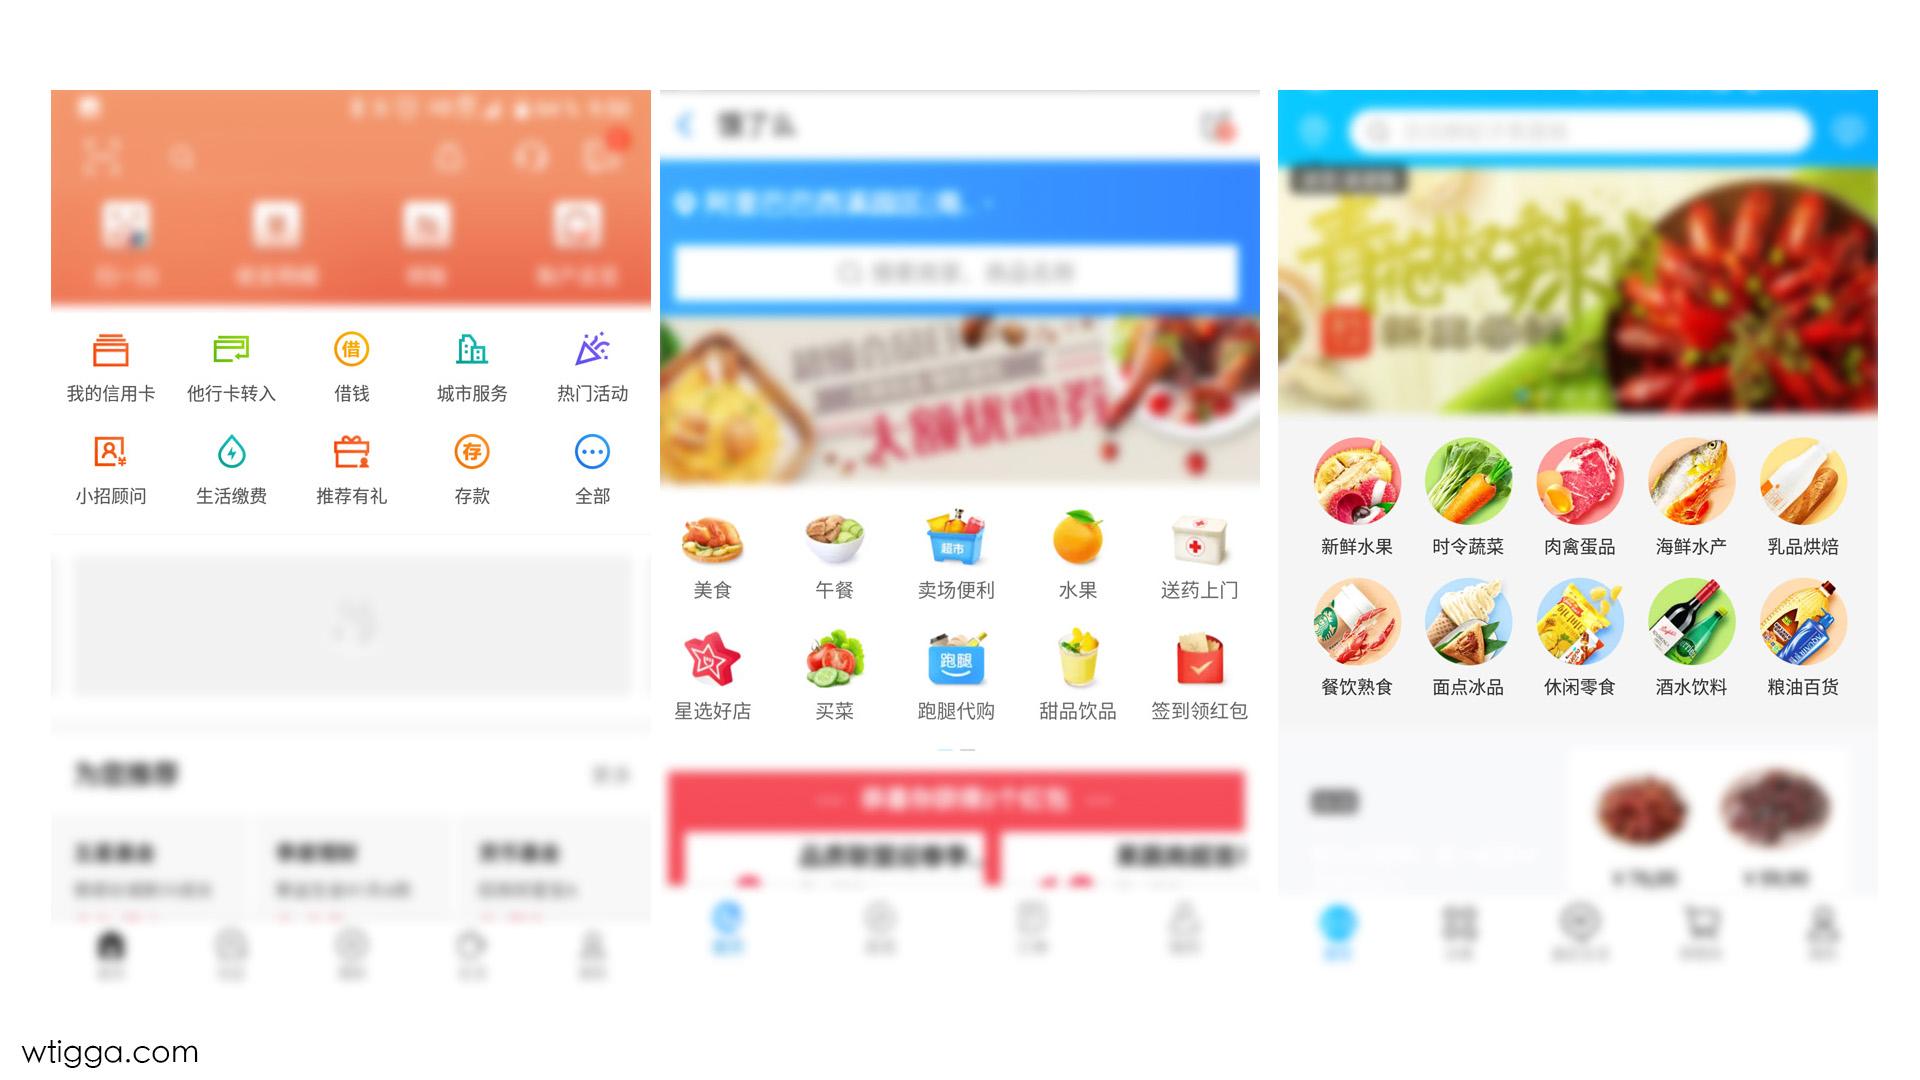 Китайский дизайн: 5 элементов в два ряда